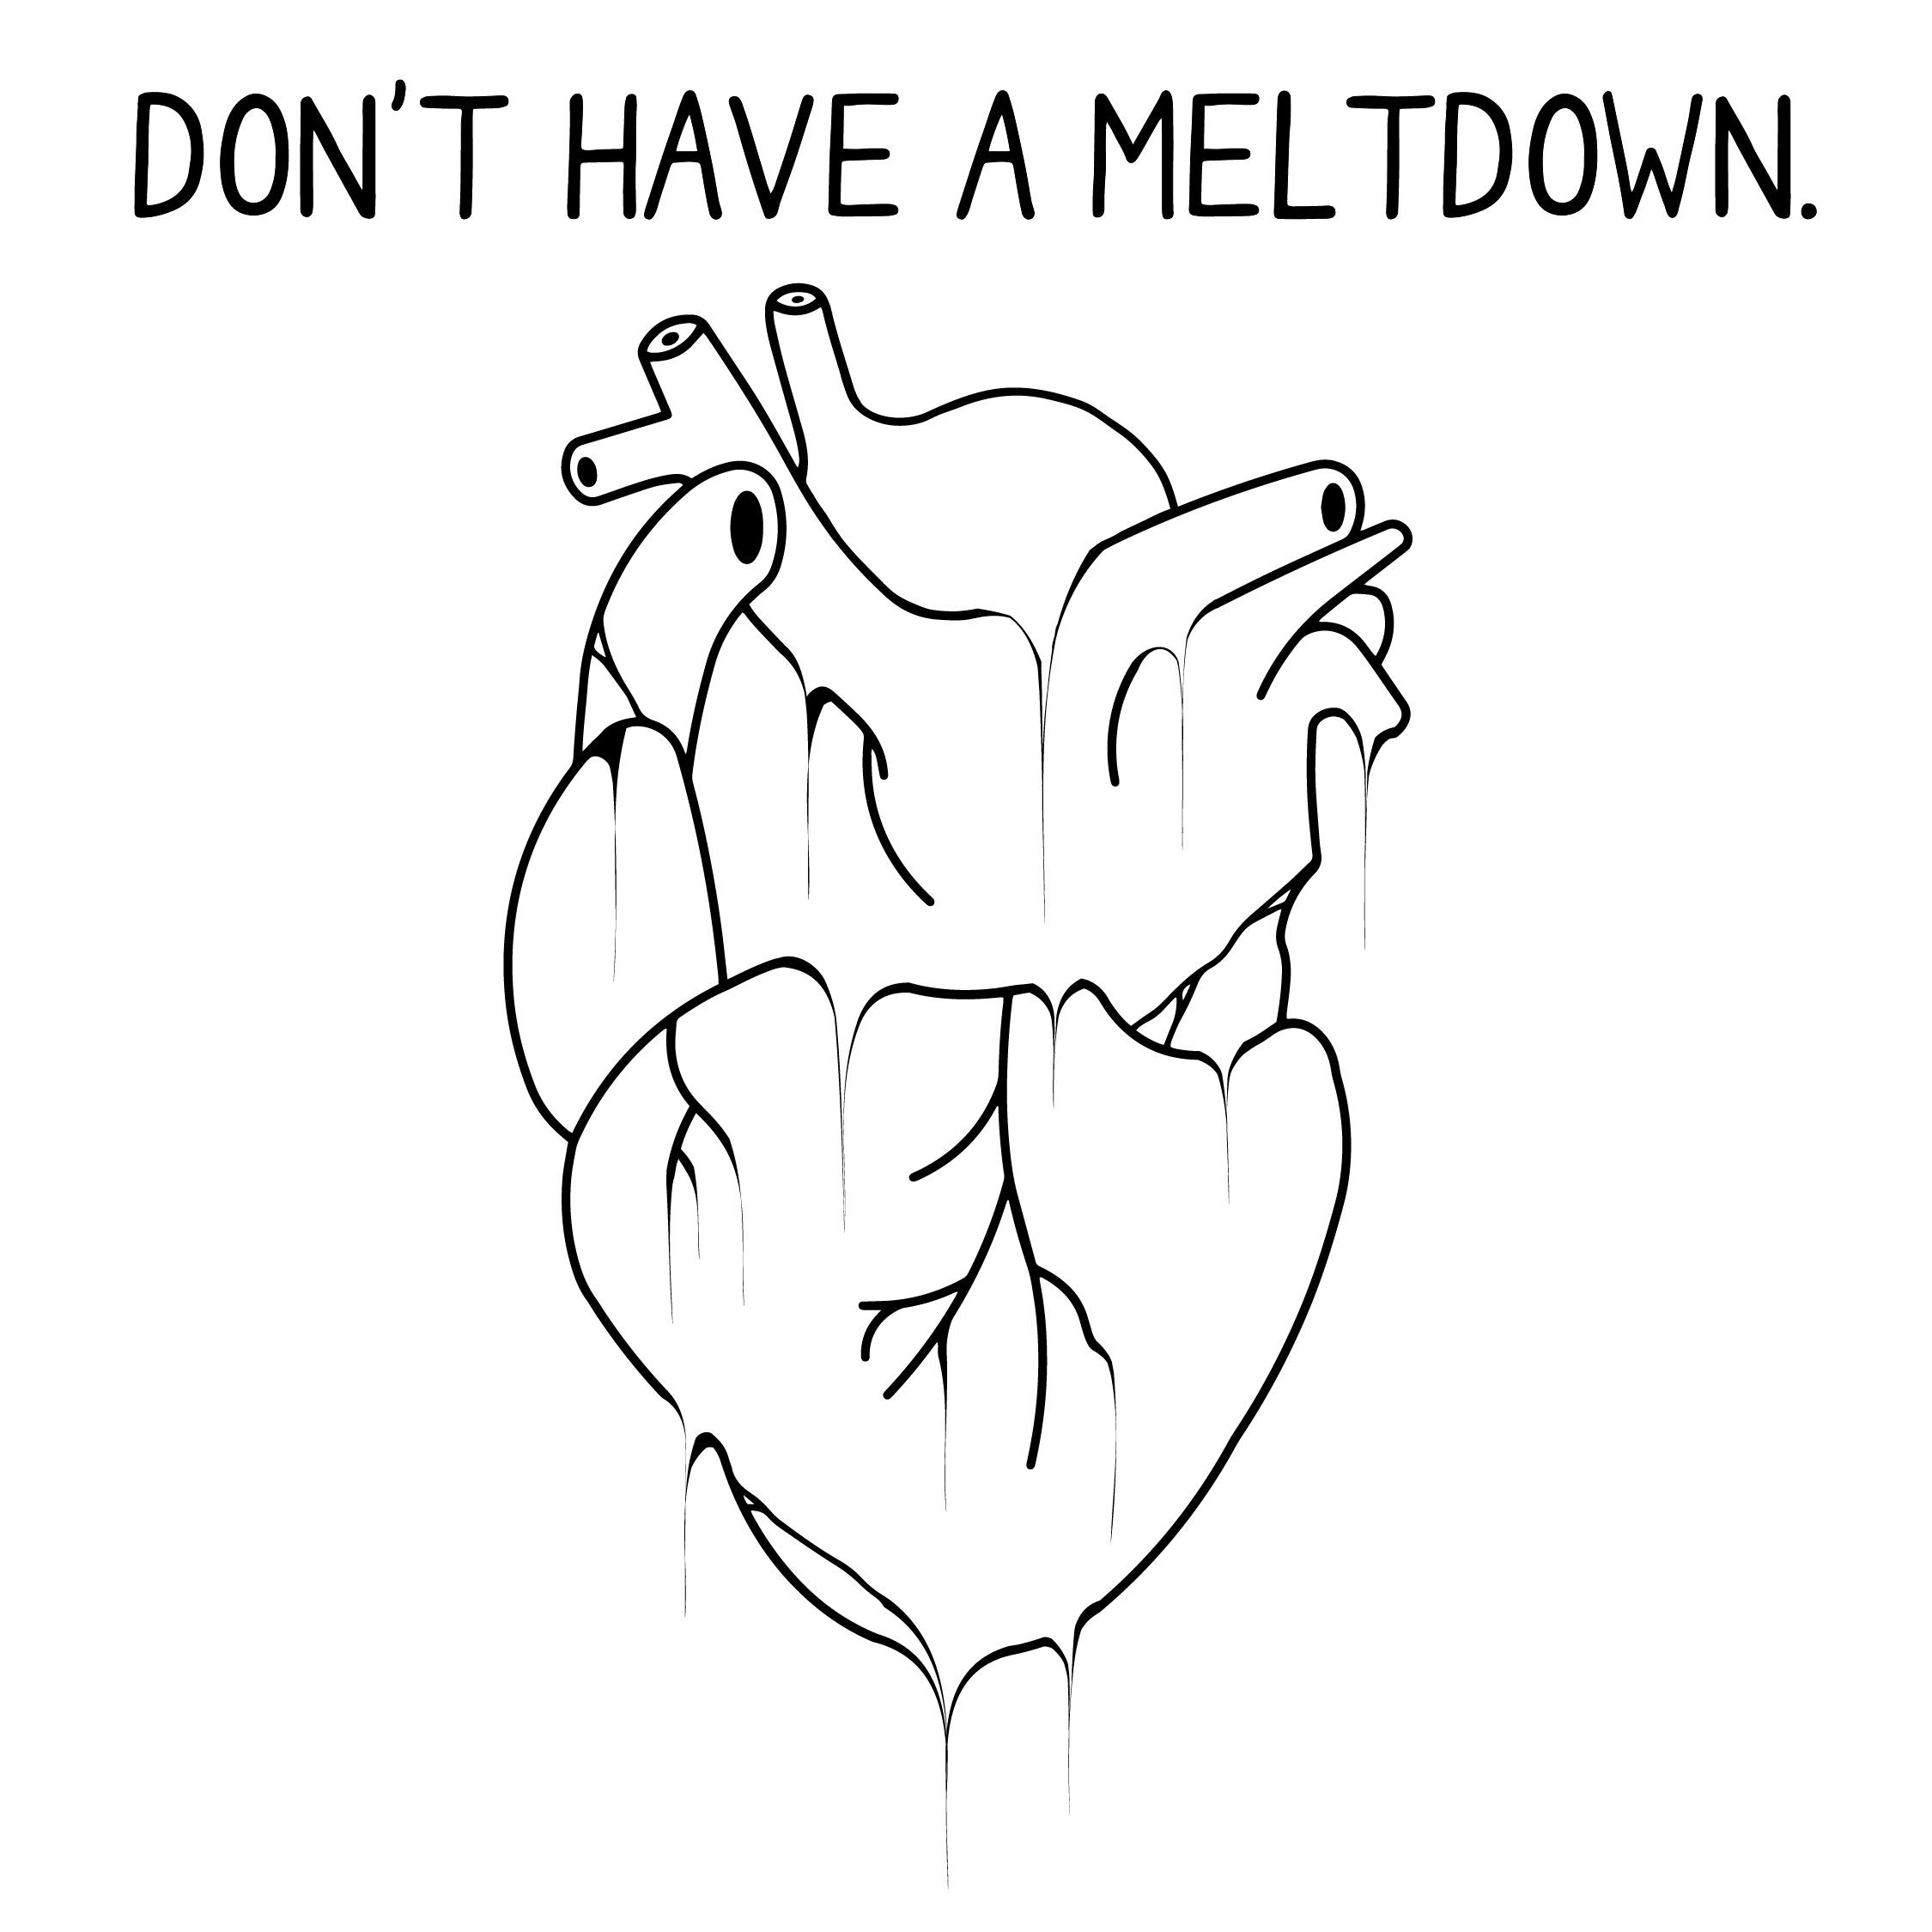 meltdown-01.jpg